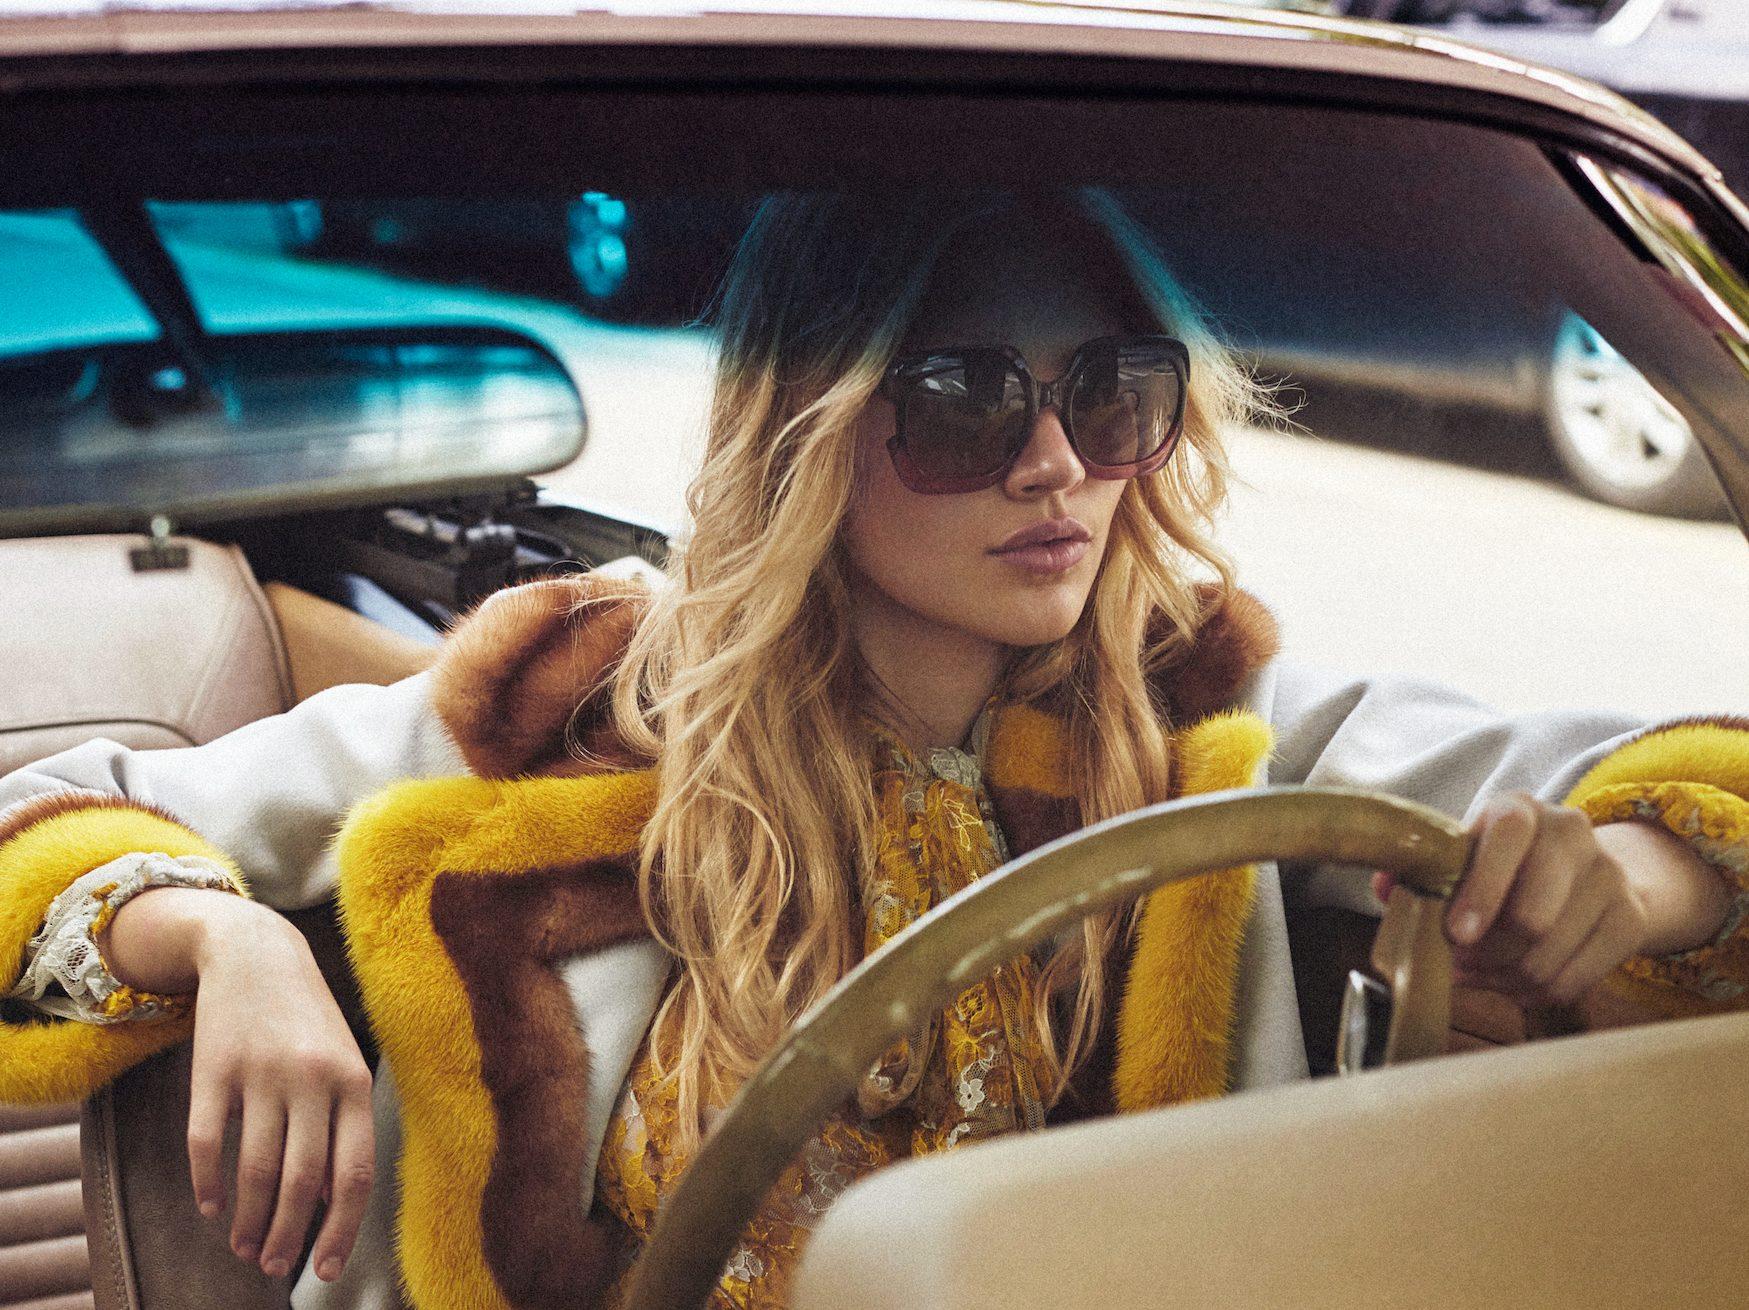 Caroline Corinth photographed by Xavi Gordo for Elle Spain, September 2017